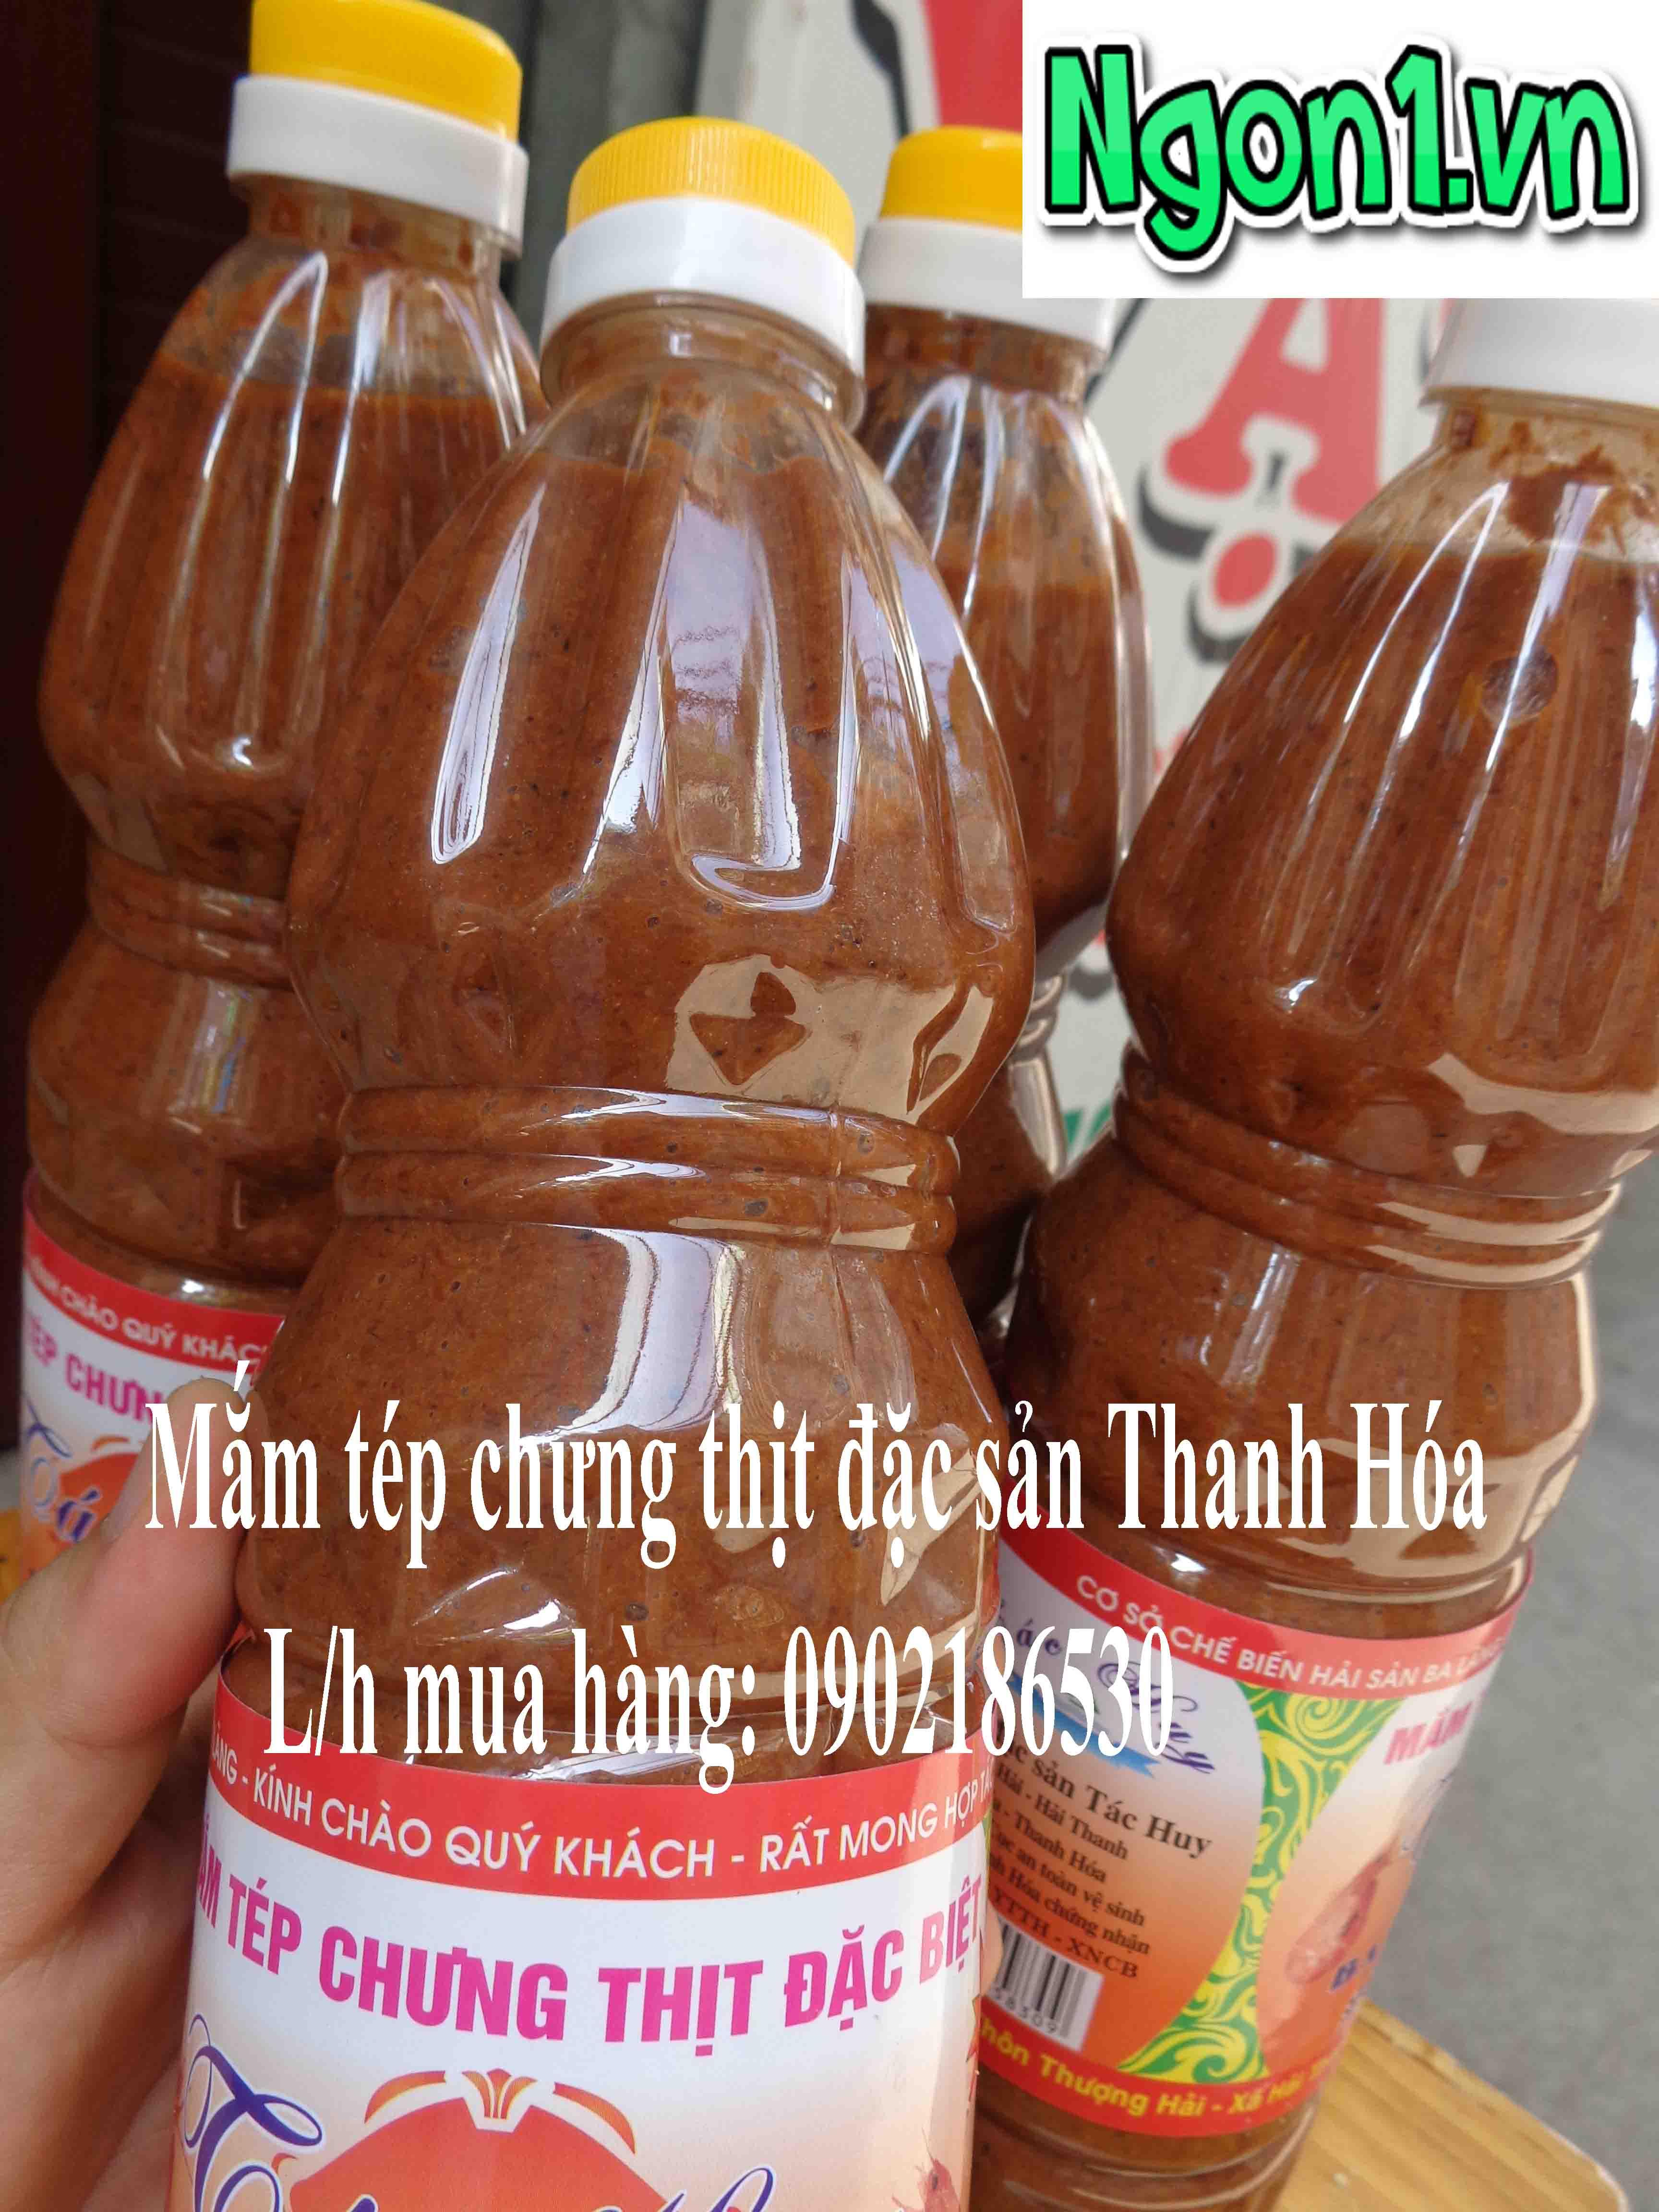 Địa chỉ mua mắm tép chưng thịt Thanh Hóa tại Hà Nội uy tín nhất